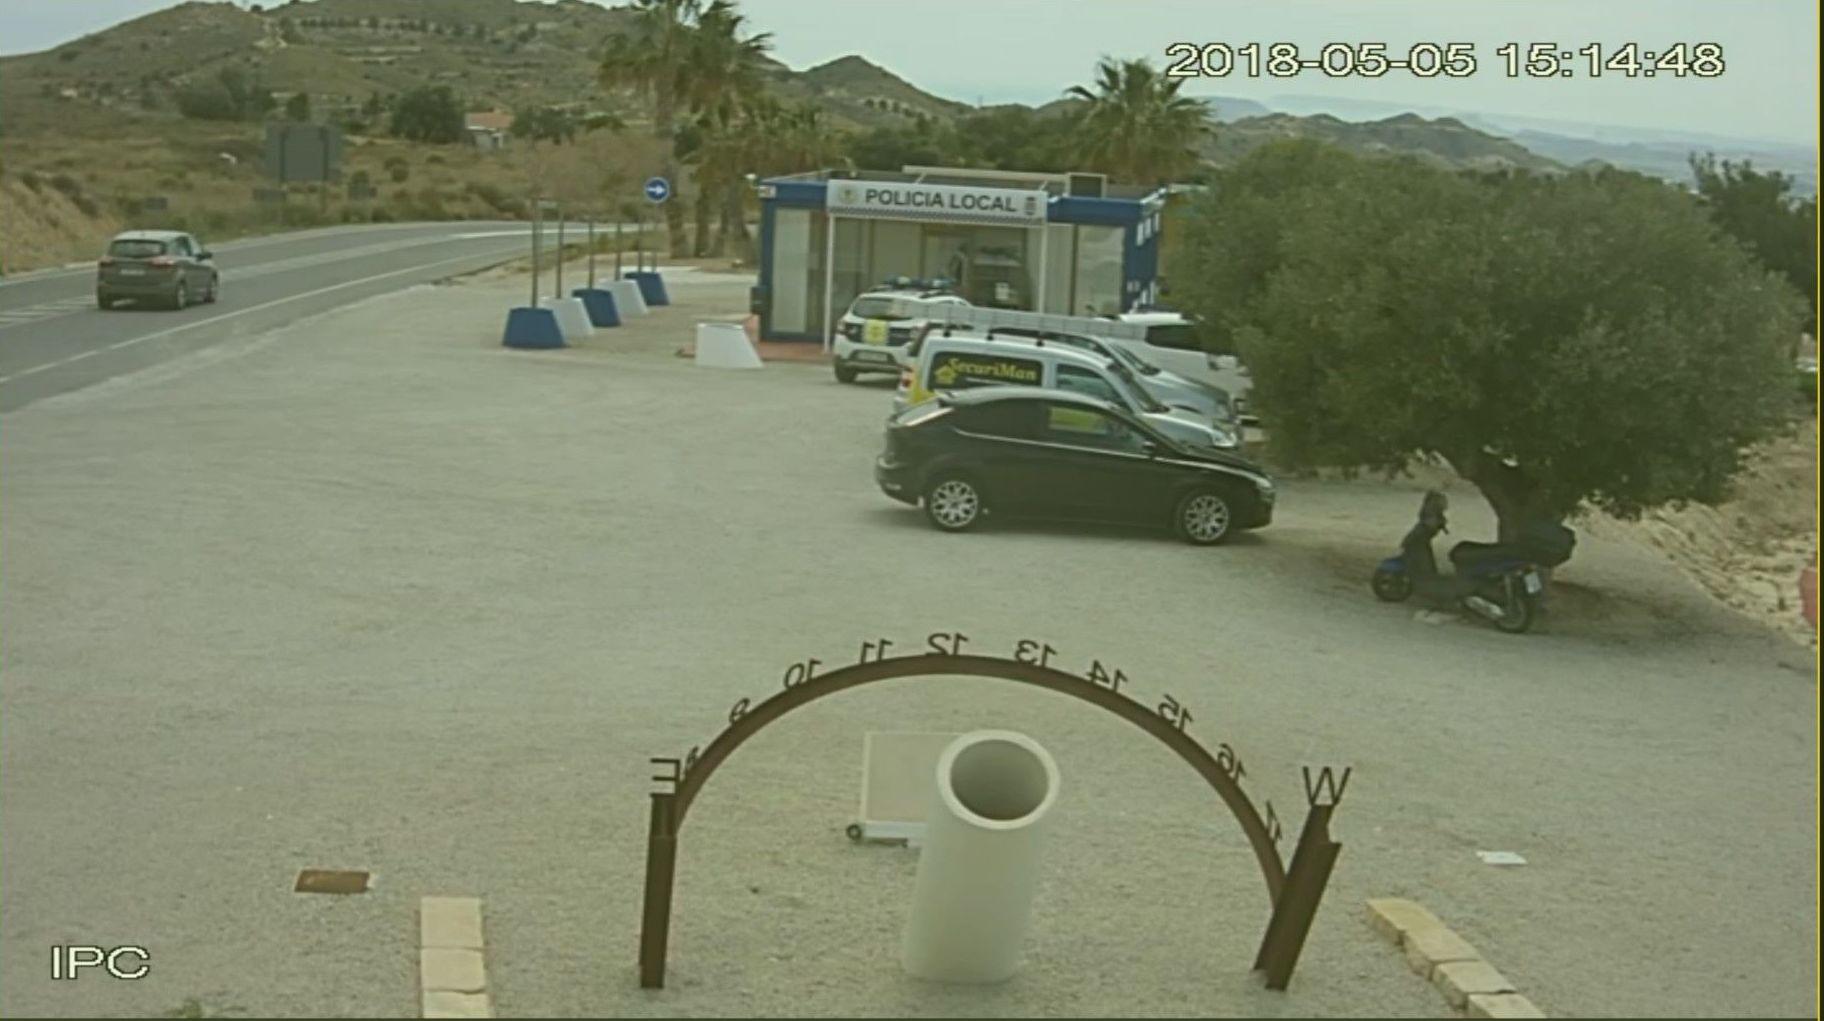 Foto 7 de Sistemas de seguridad en Alicante | Securiman